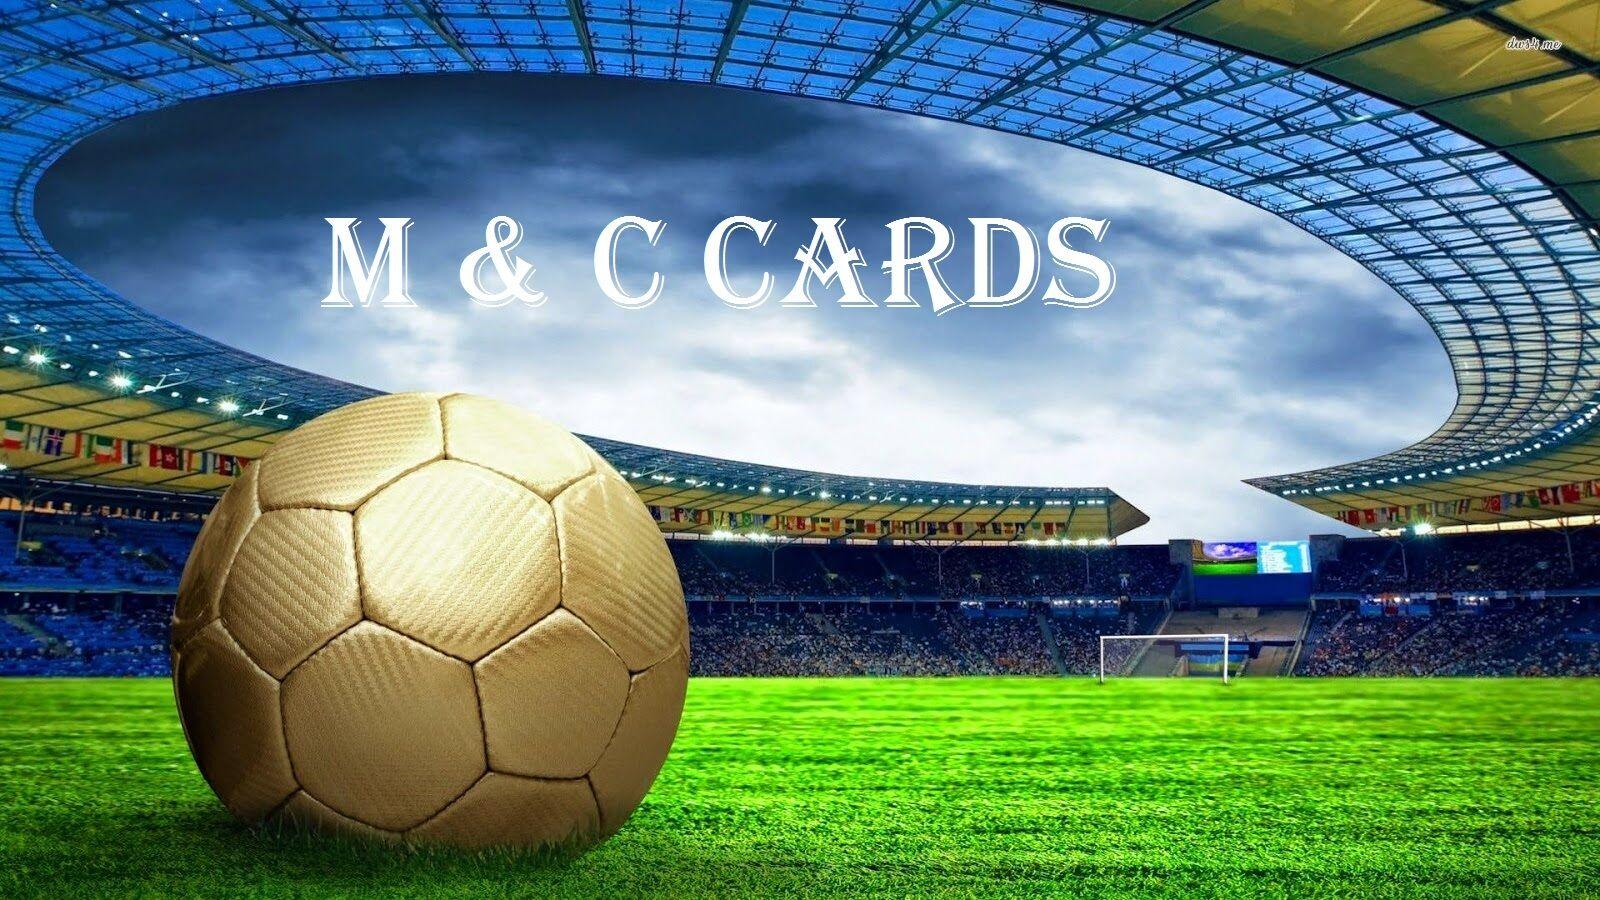 M&C Cards